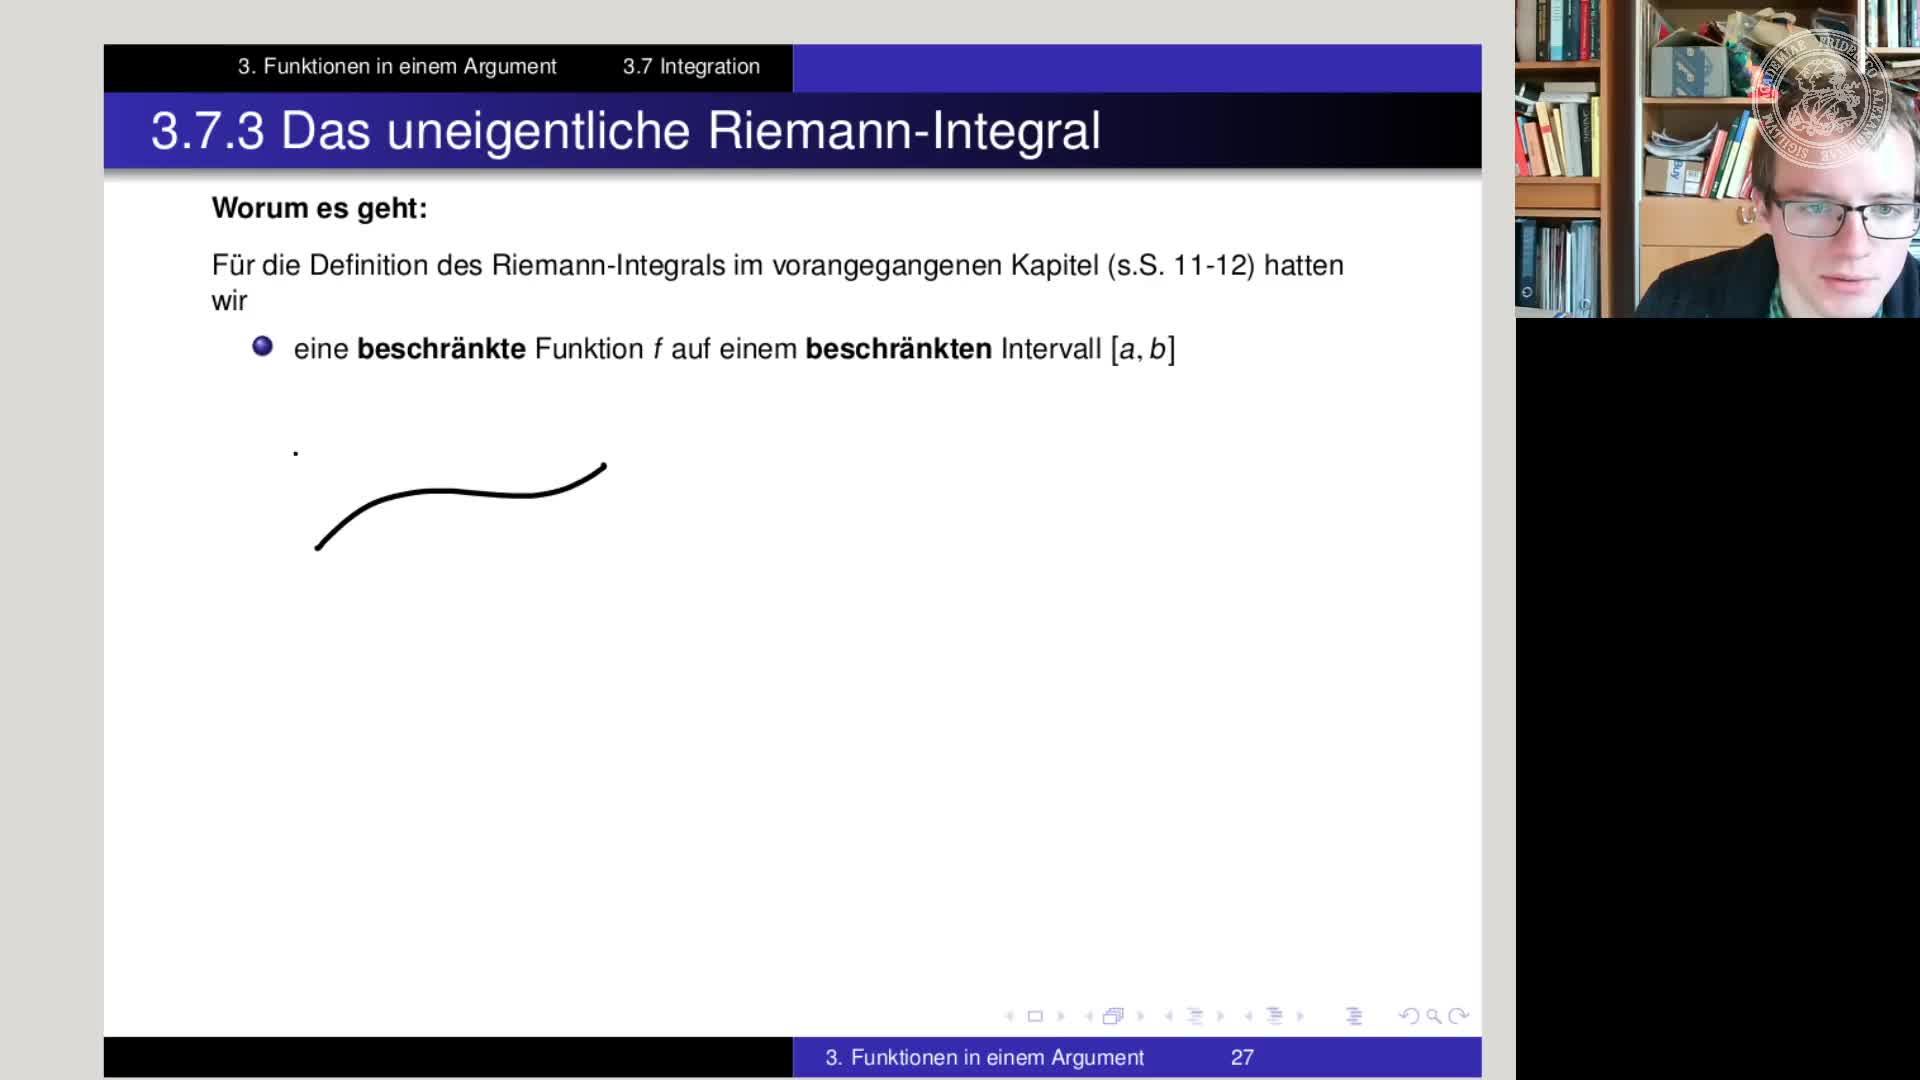 VL_10_1_Uneigentliche_Riemann_Integrale preview image